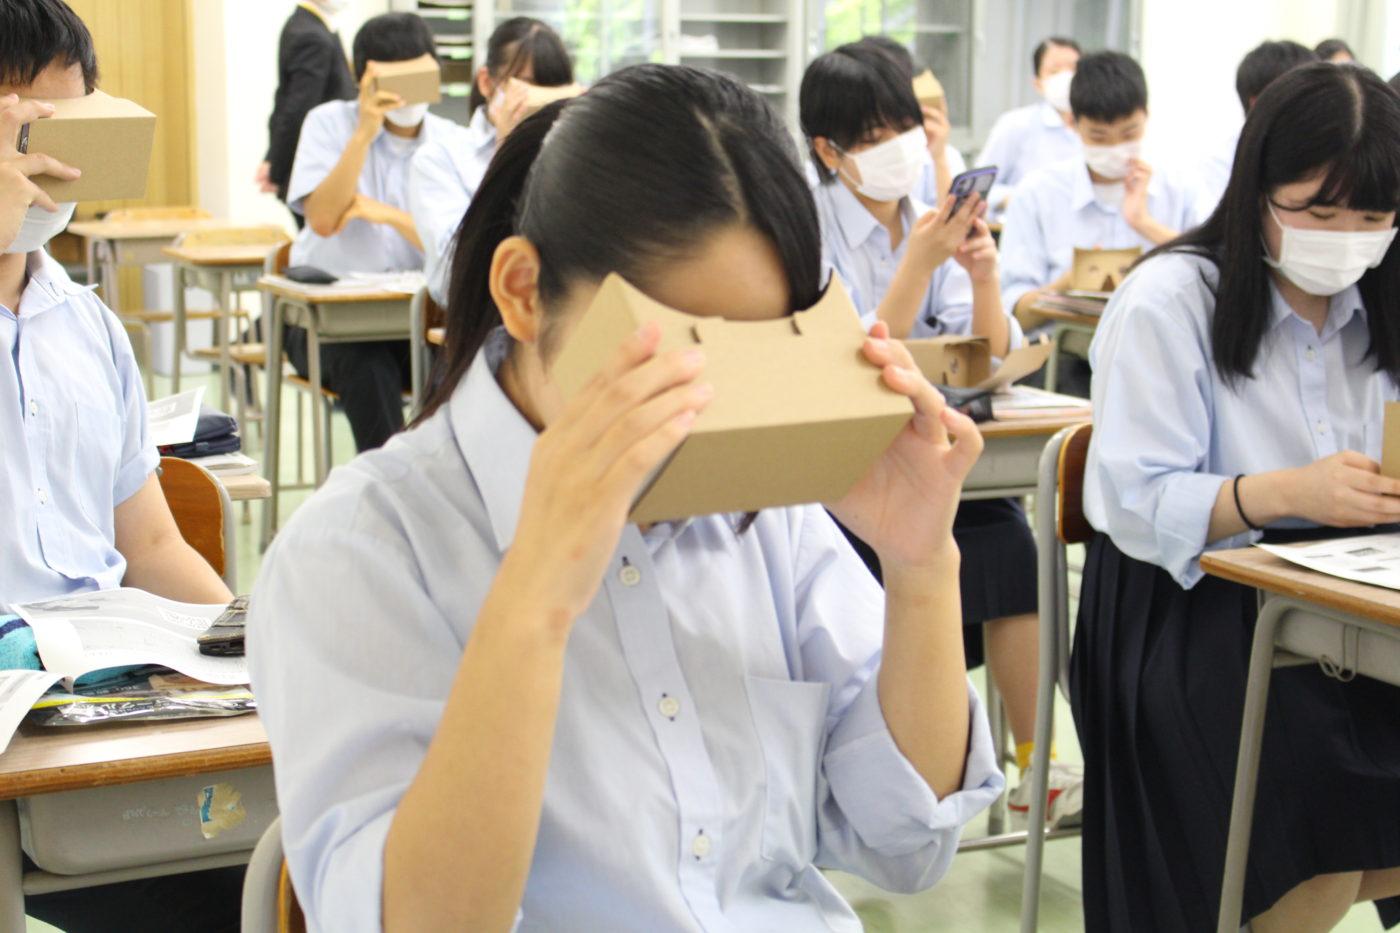 五泉高校VR授業 生徒がVRを体験している様子